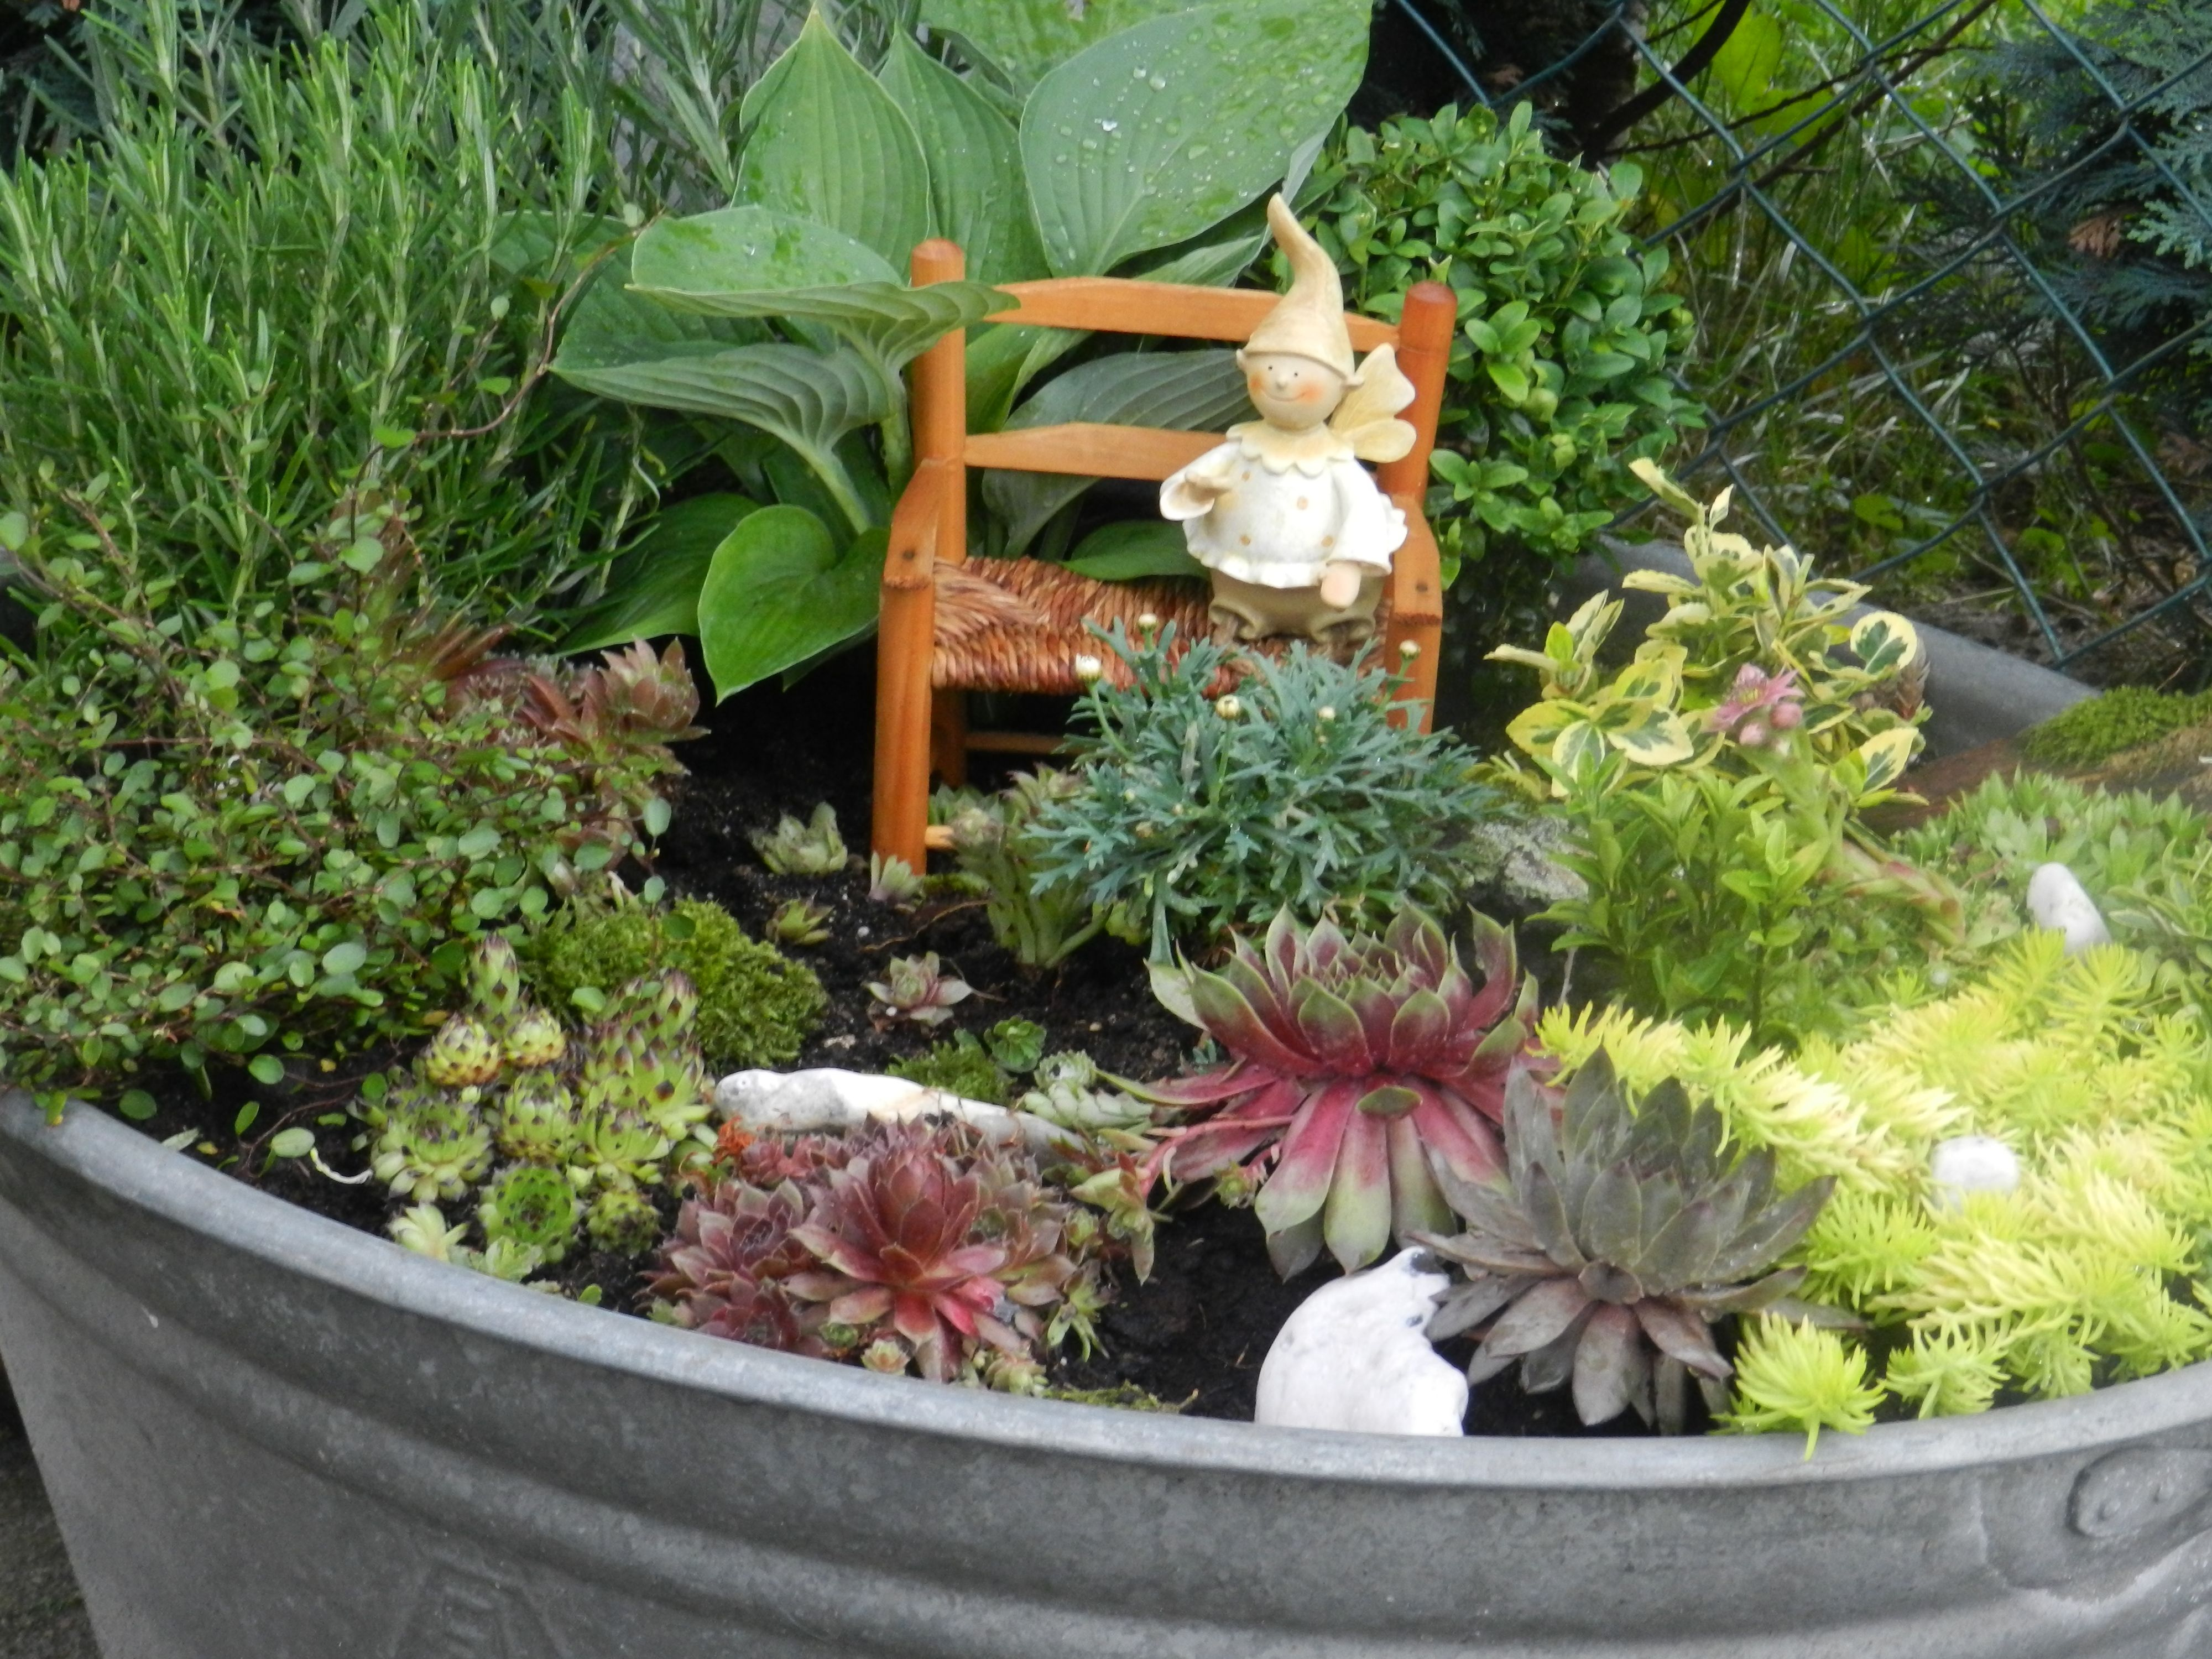 zinkwanne bepflanzt garten pinterest zinkwanne bepflanzen zinkwanne und g rten. Black Bedroom Furniture Sets. Home Design Ideas